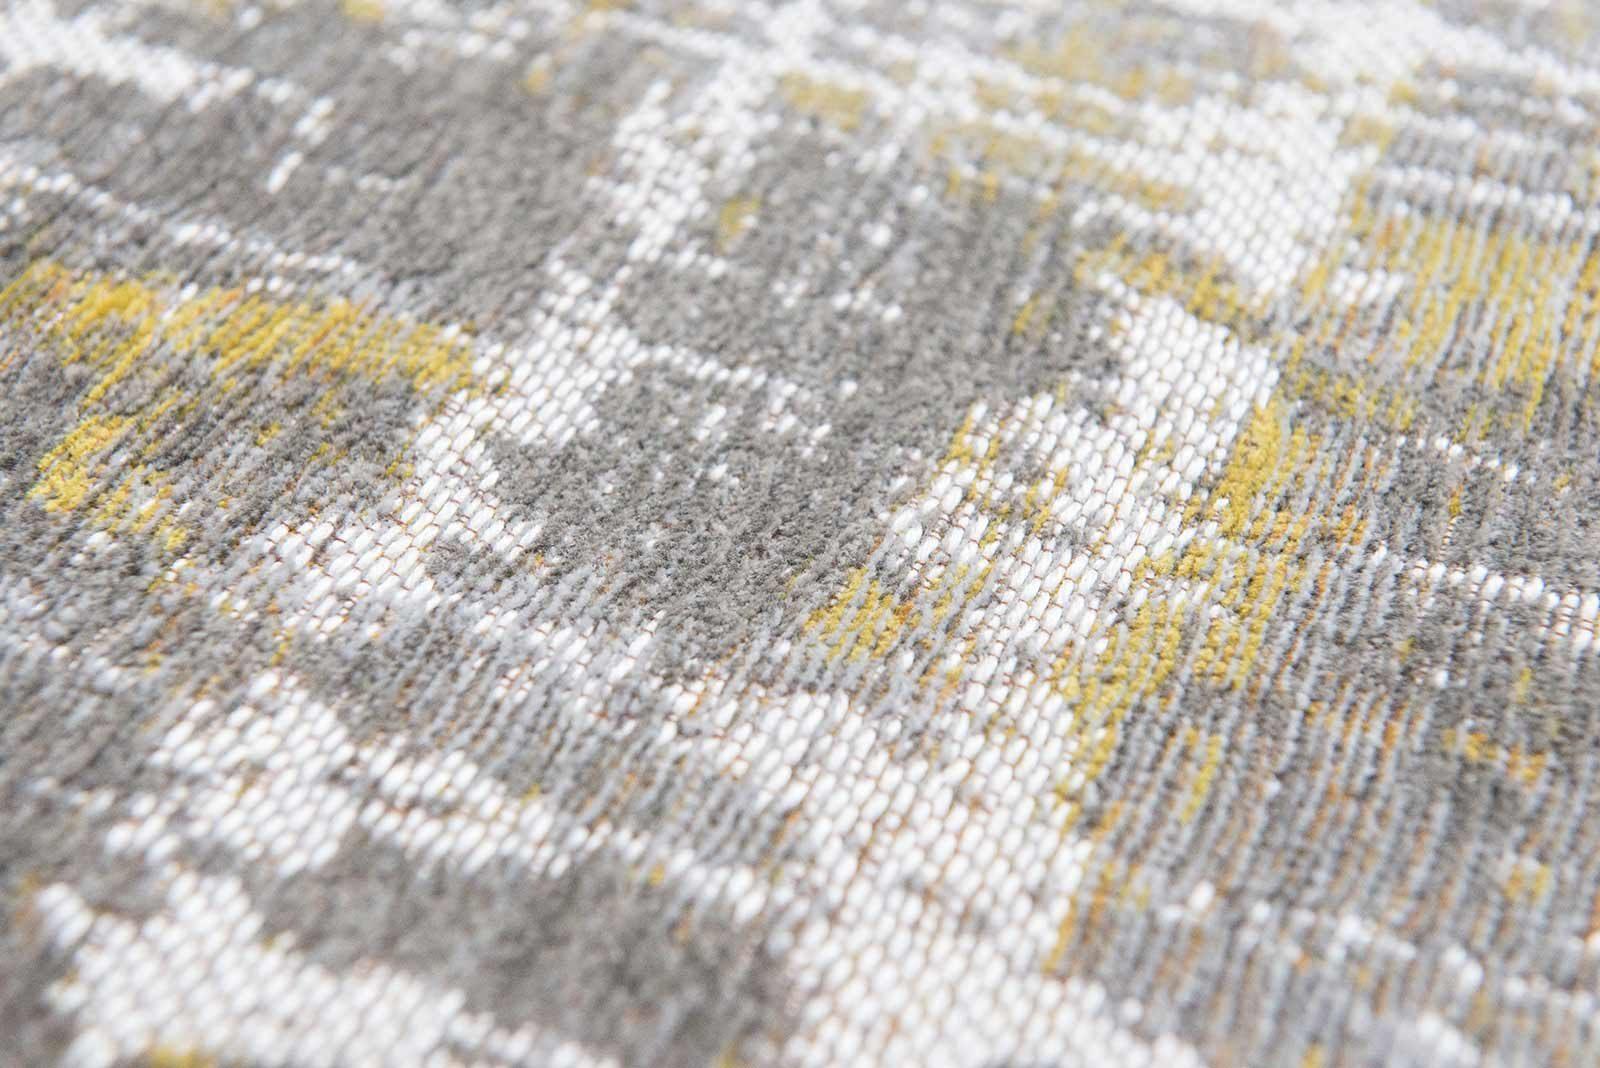 alfombras Louis De Poortere LX8715 Atlantic Streaks Sea Bright Sunny zoom 2